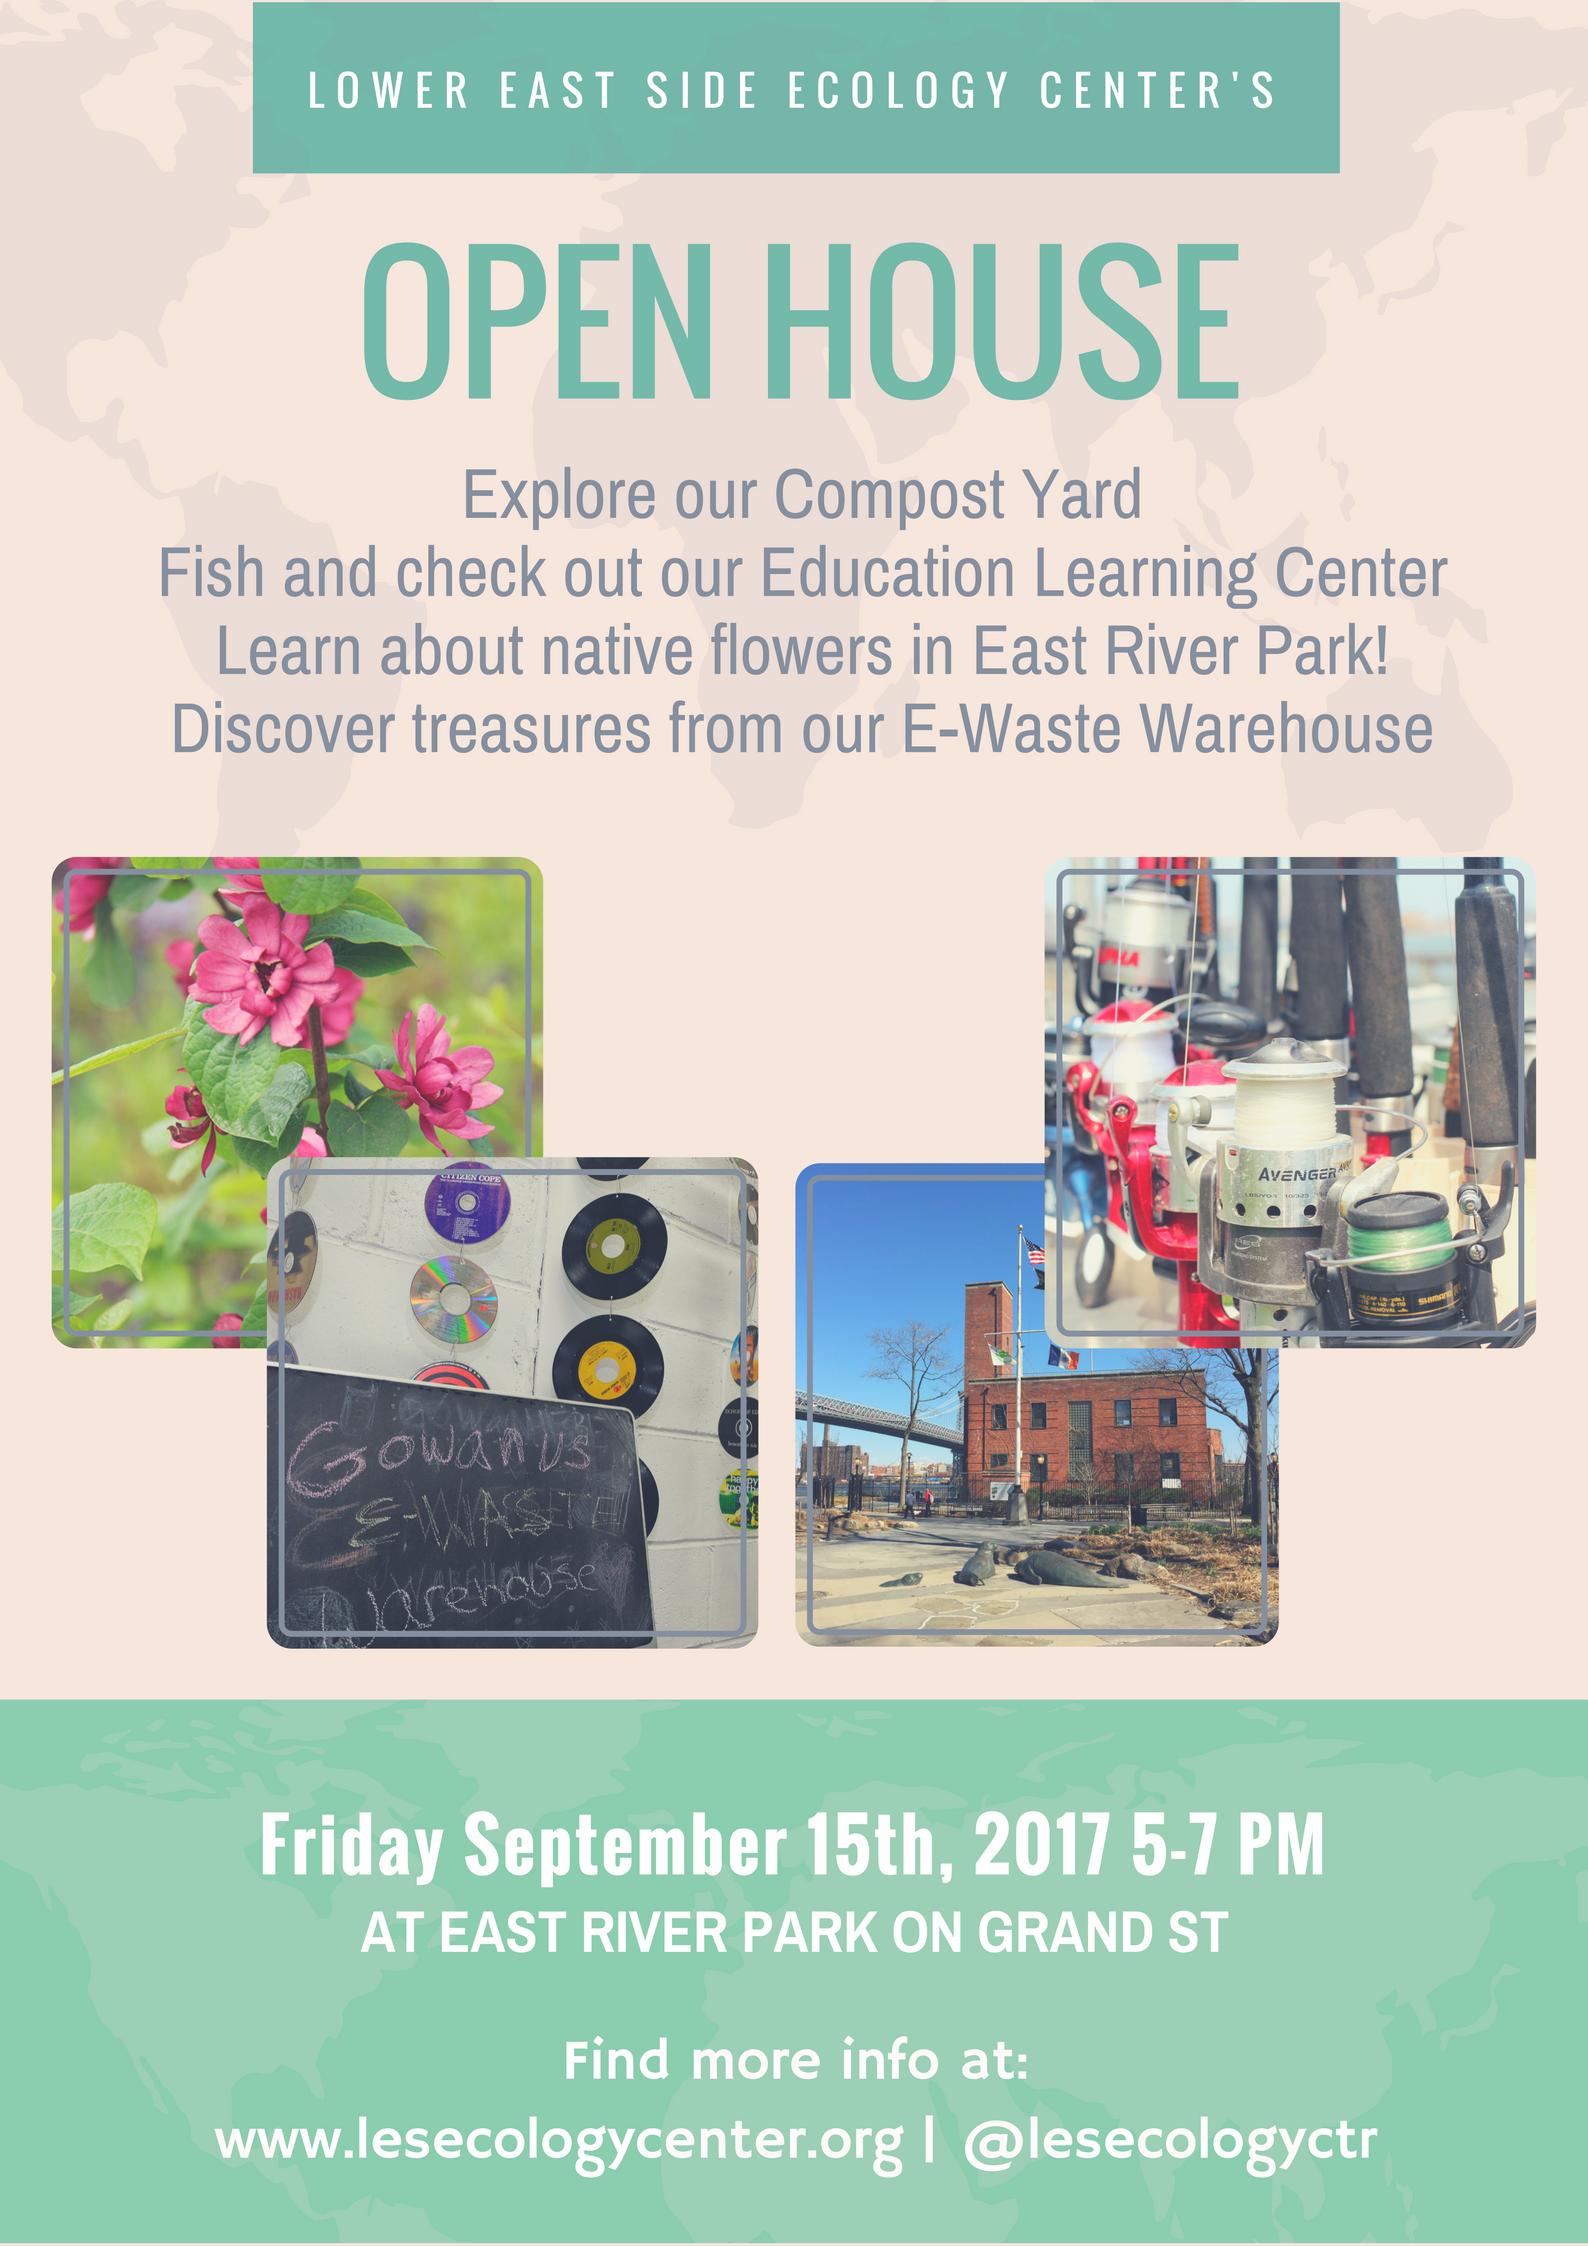 Lower East Side Ecology Center Open House September 15